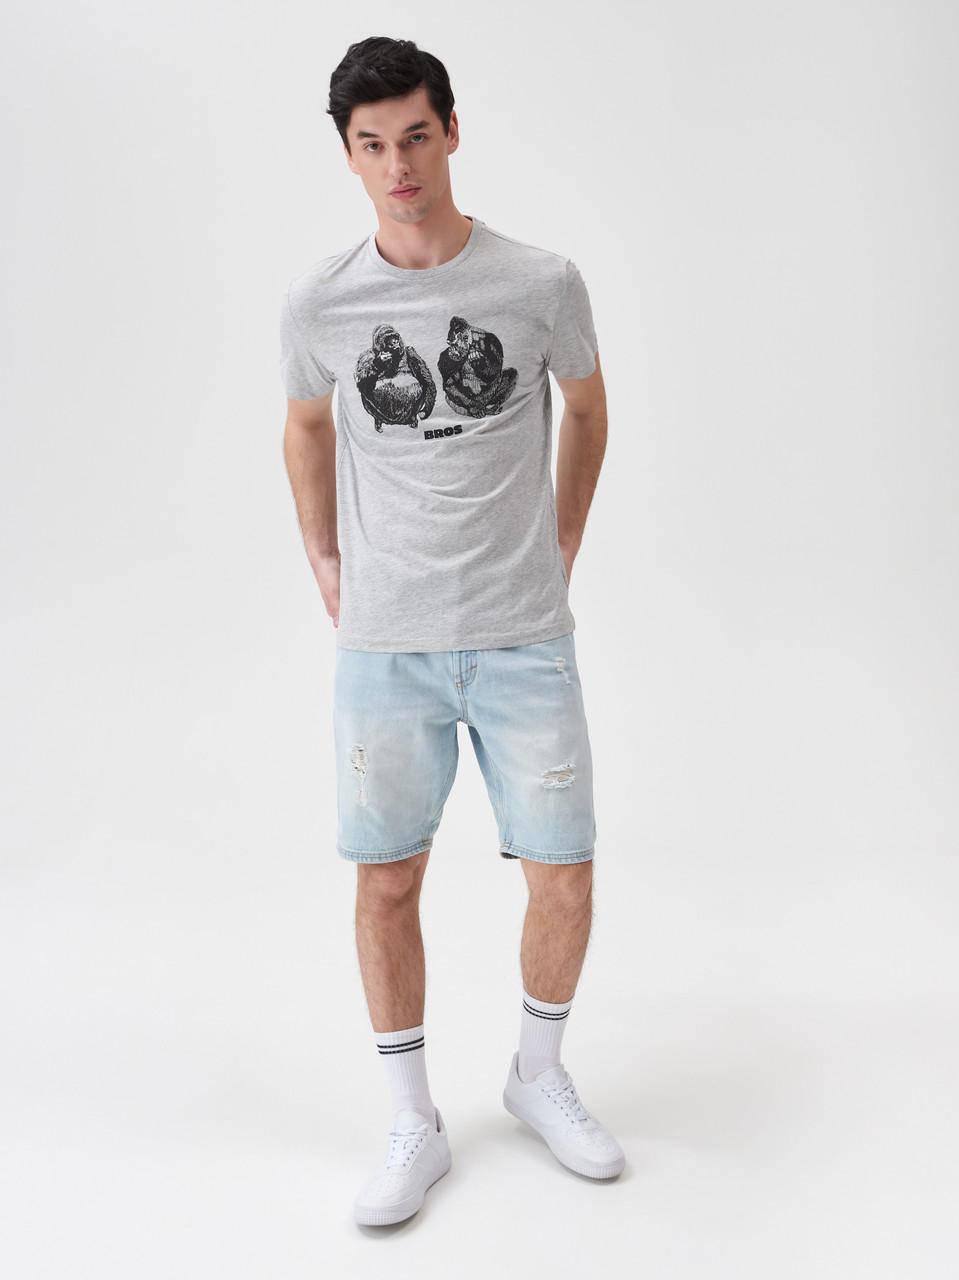 """Чоловіча футболка з принтом """"Горили"""", розмір S. Польща"""